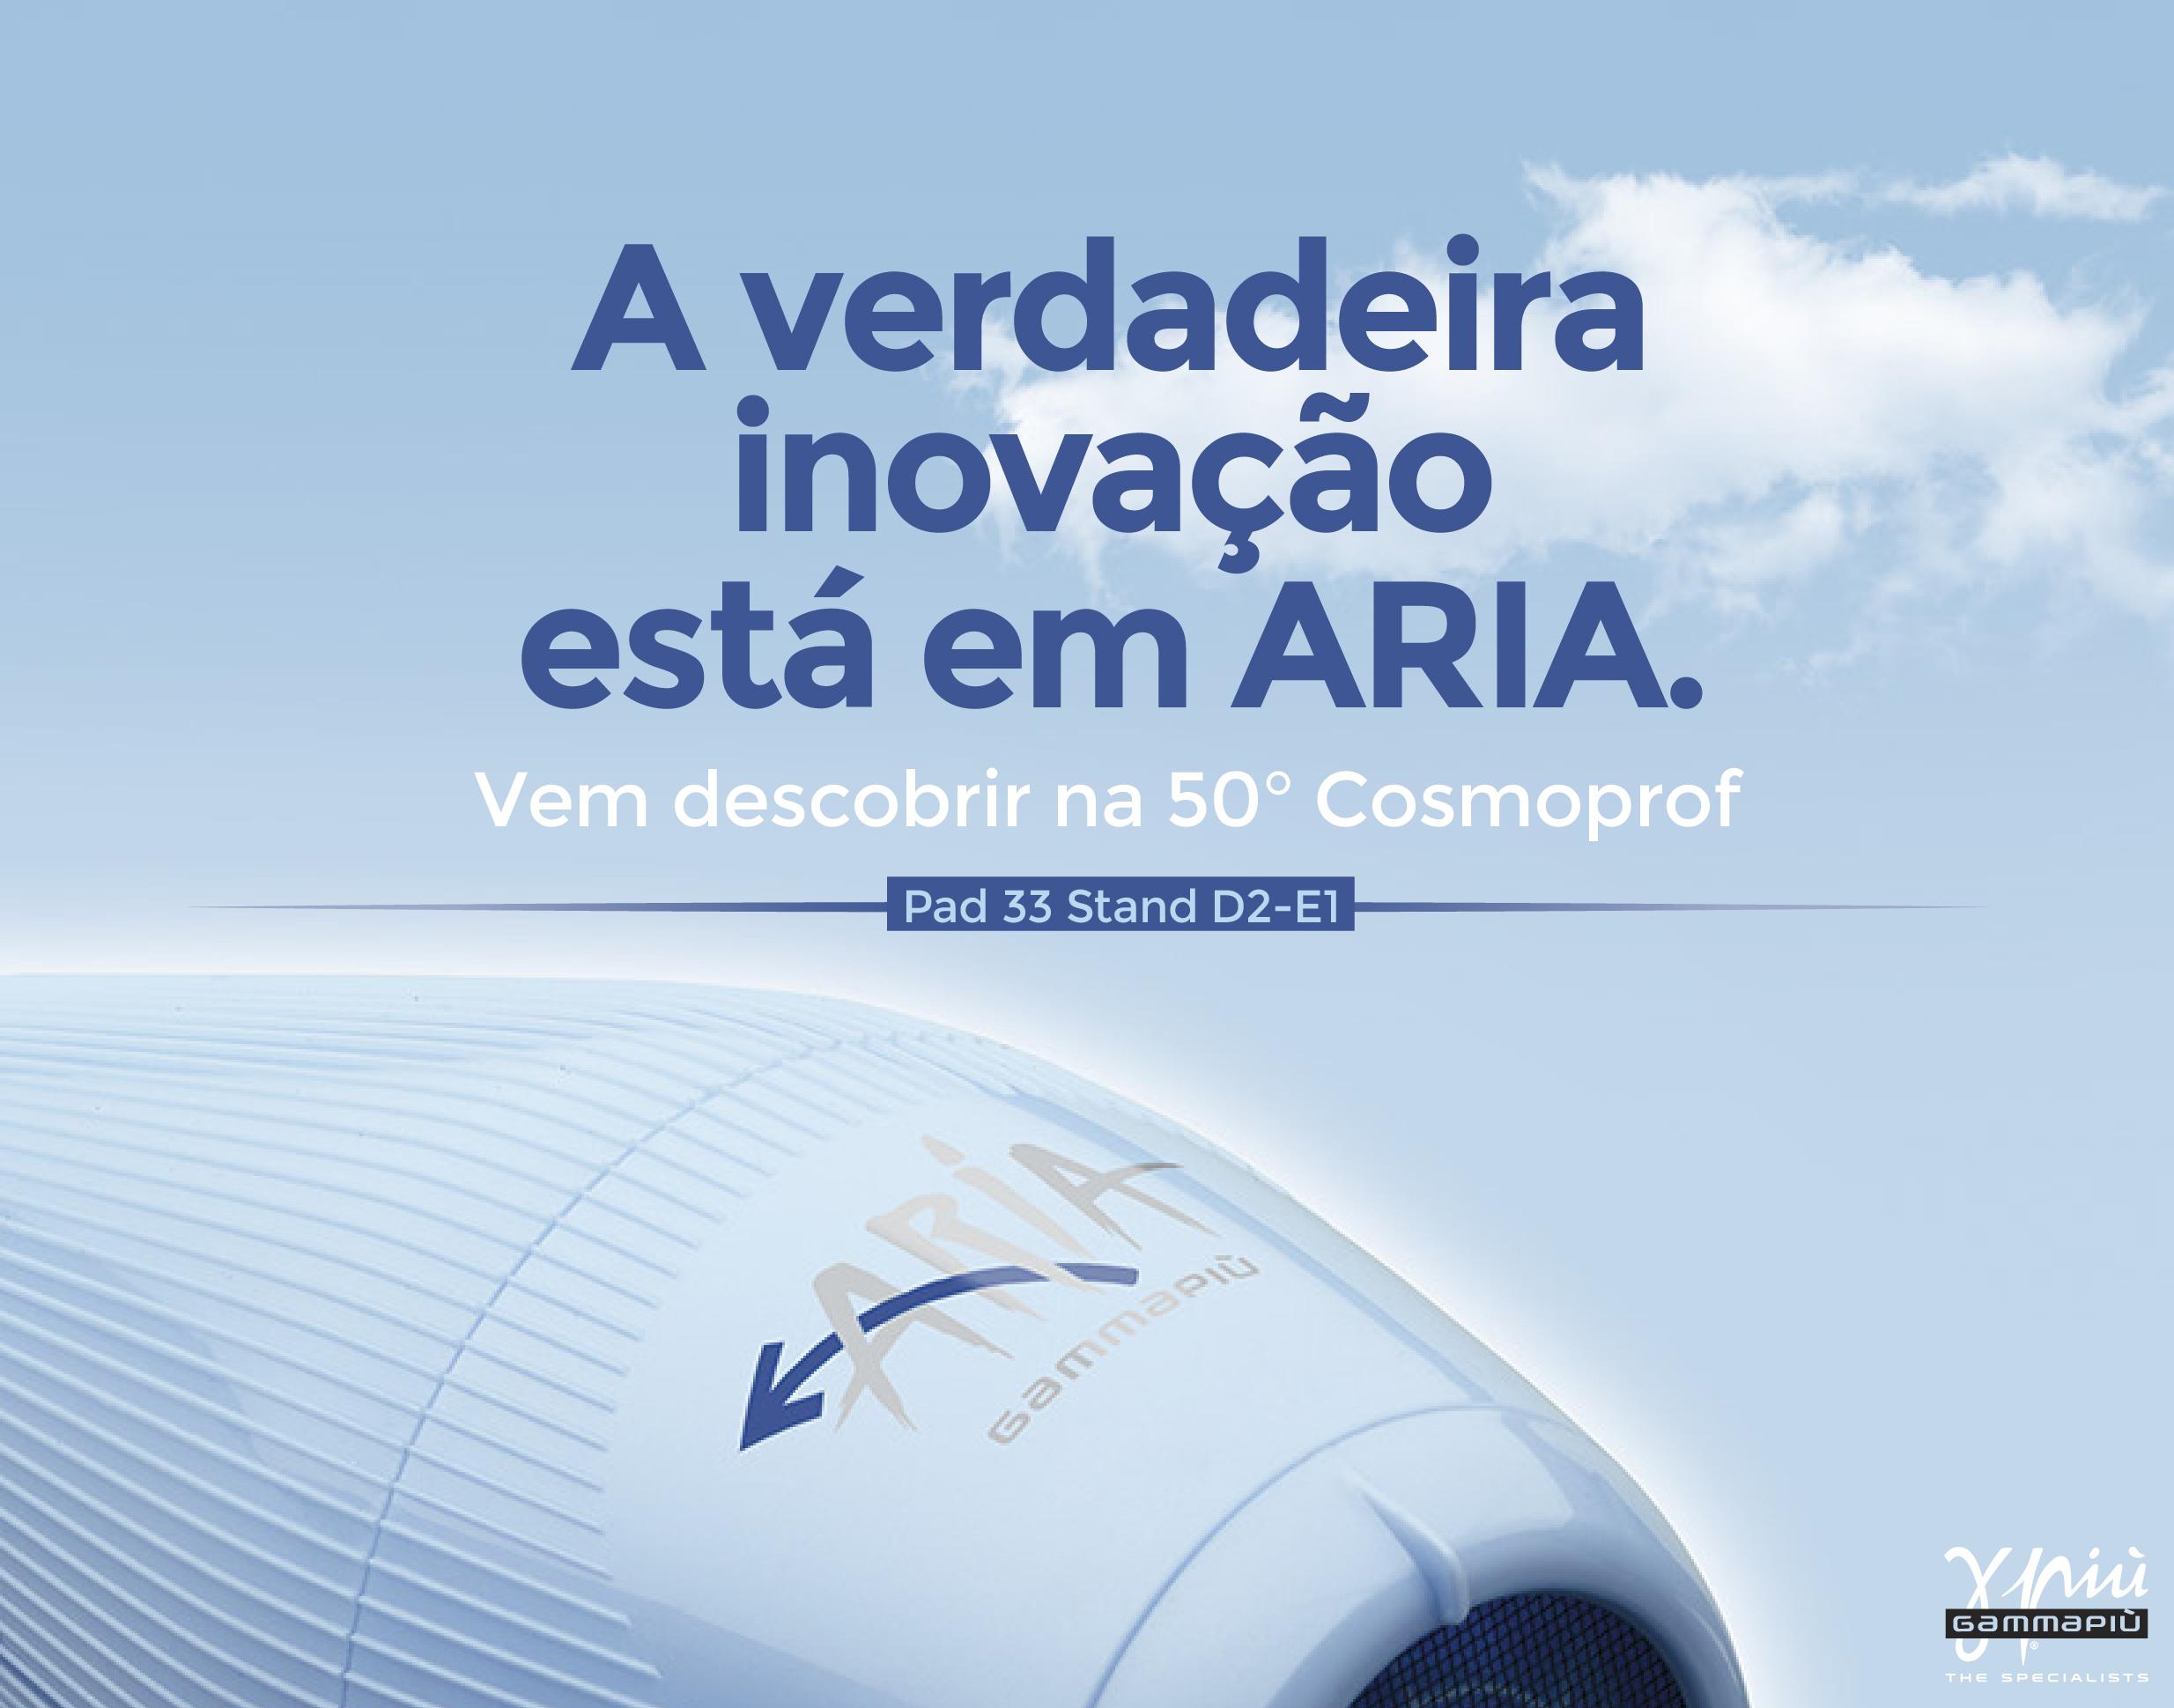 A verdadeira inovação está em ARIA